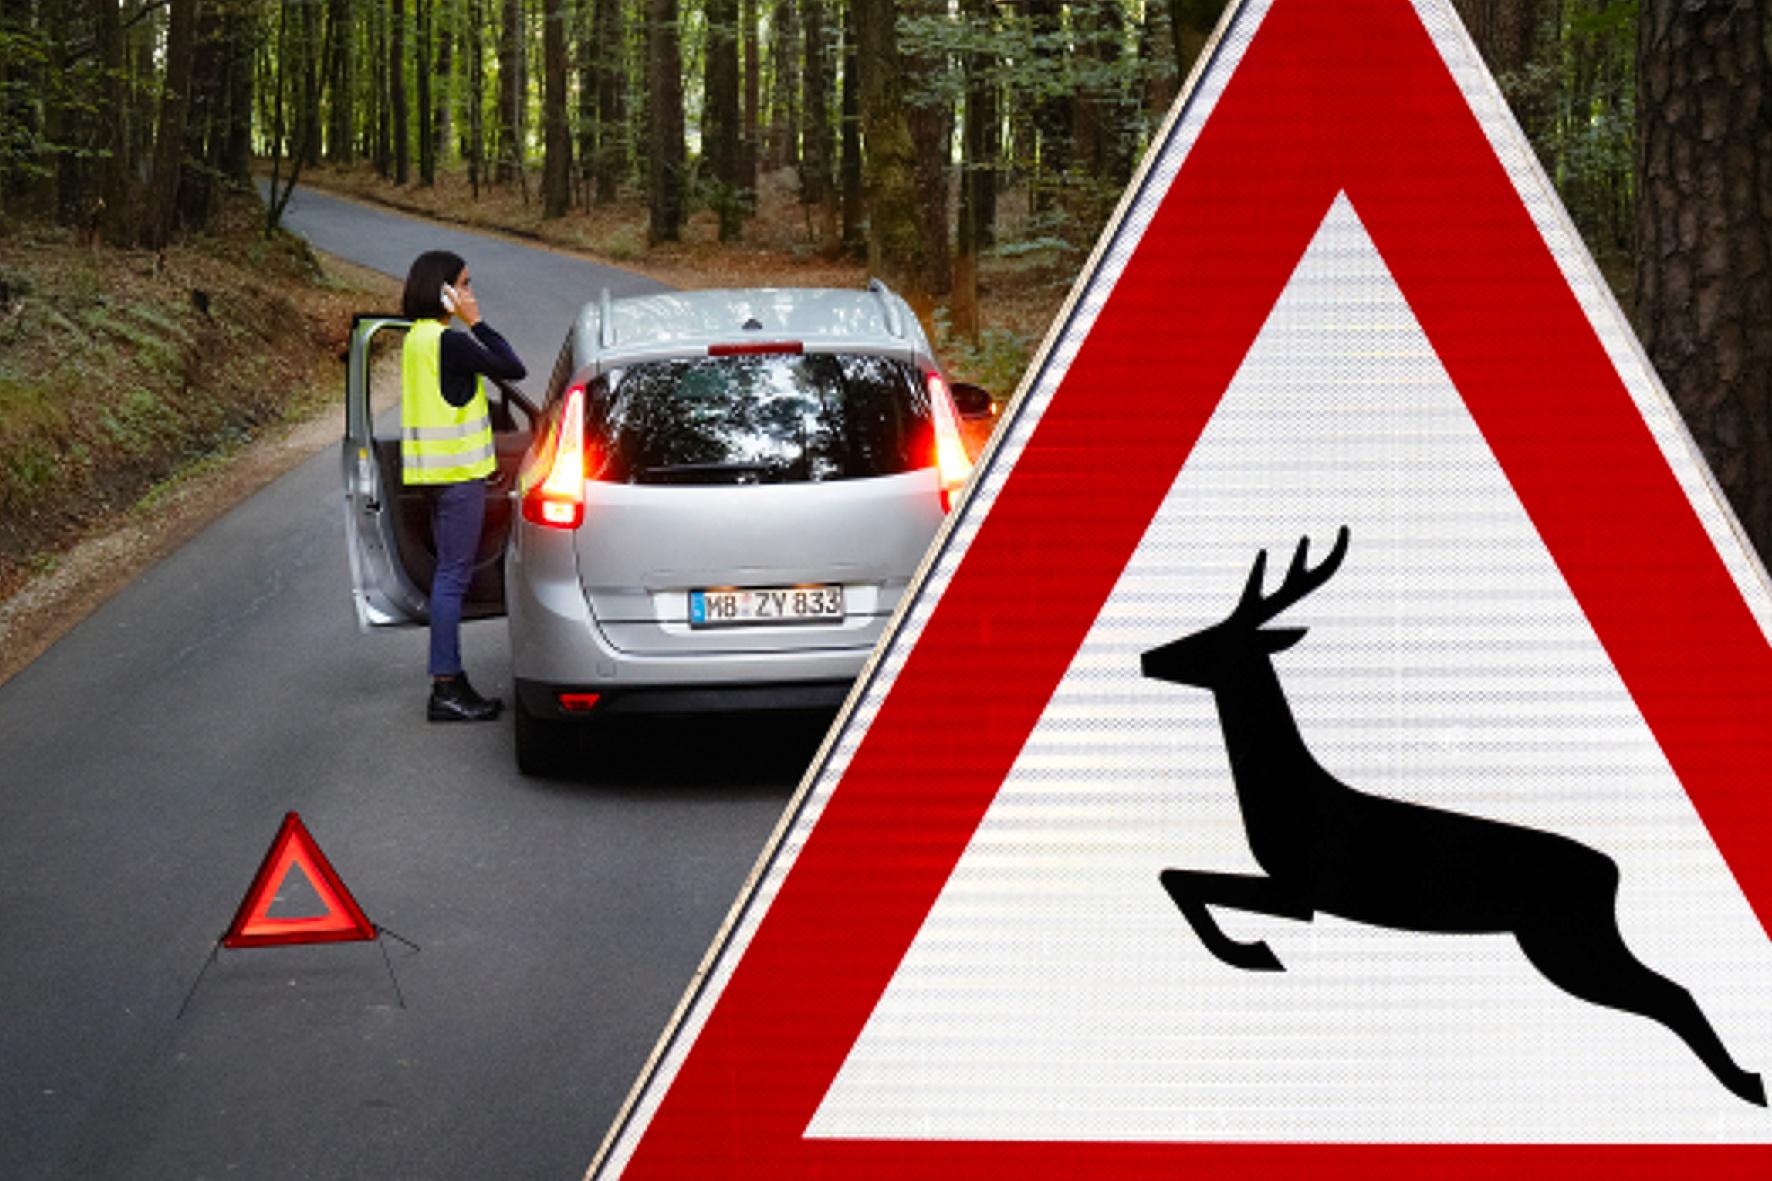 Wildunfall: Wer zahlt eigentlich den Schaden, wenn Bambi ins Scheinwerferlicht springt?